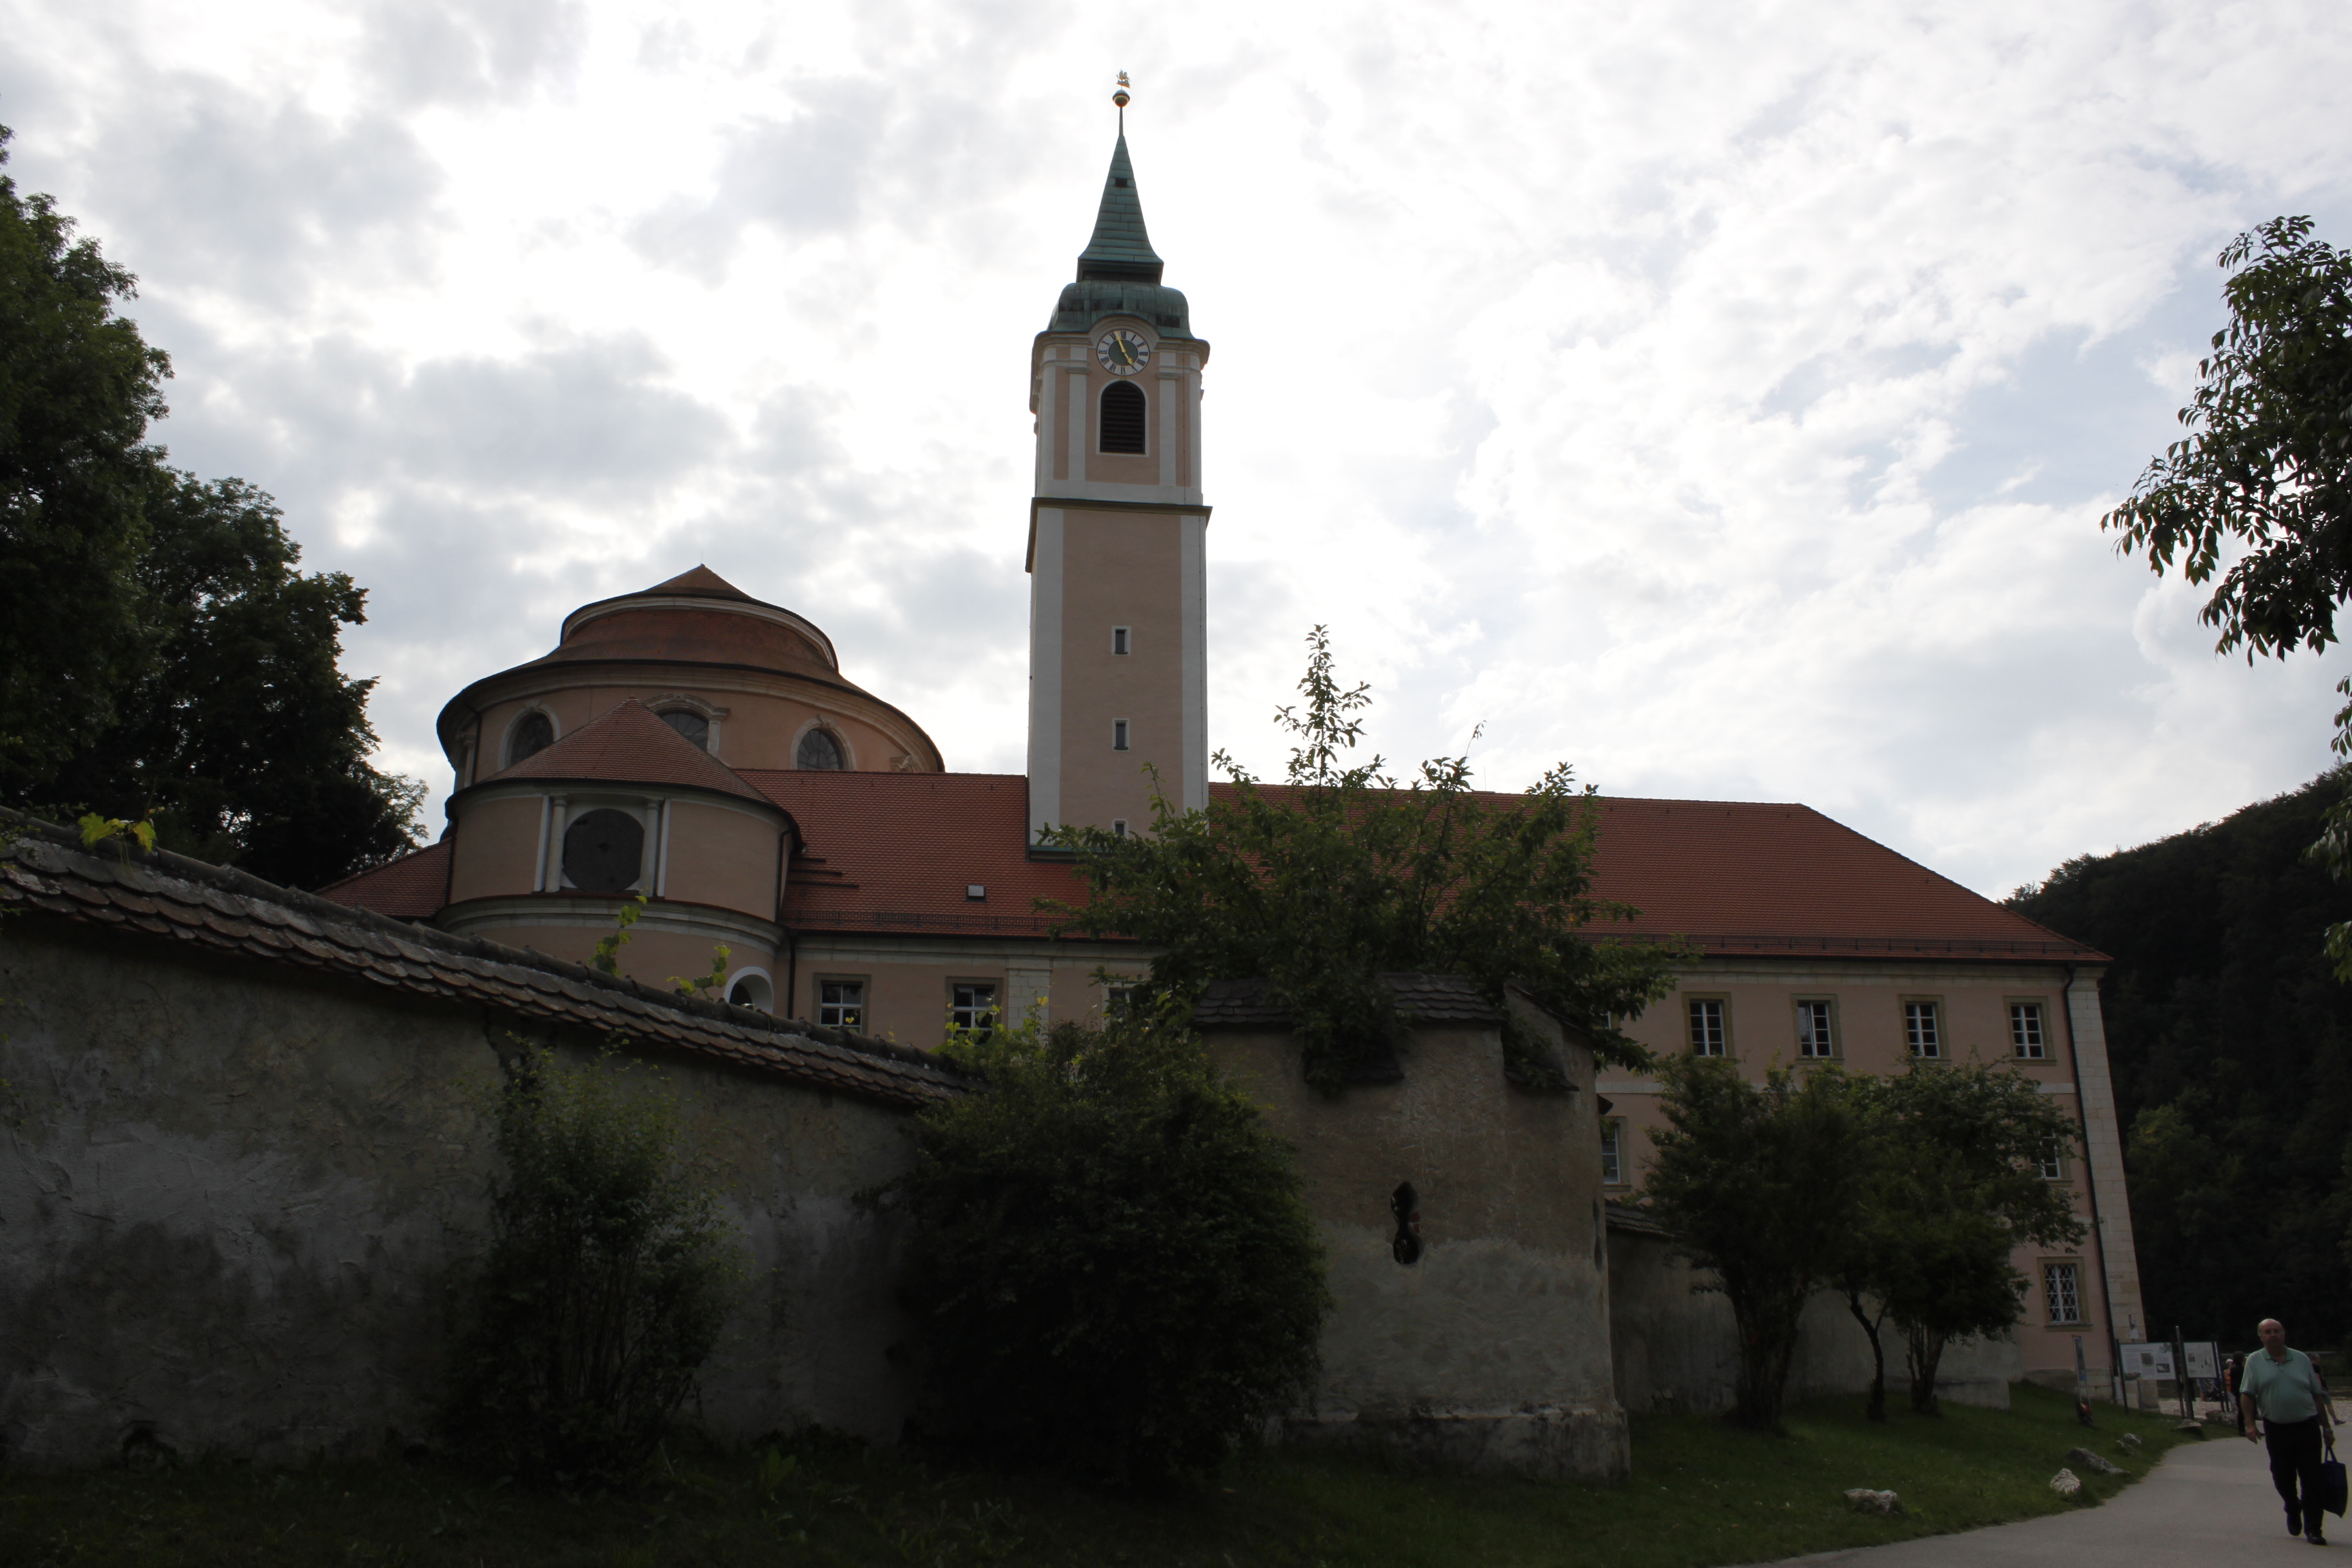 4 giorni in Franconia: diario di viaggio – Parte 1